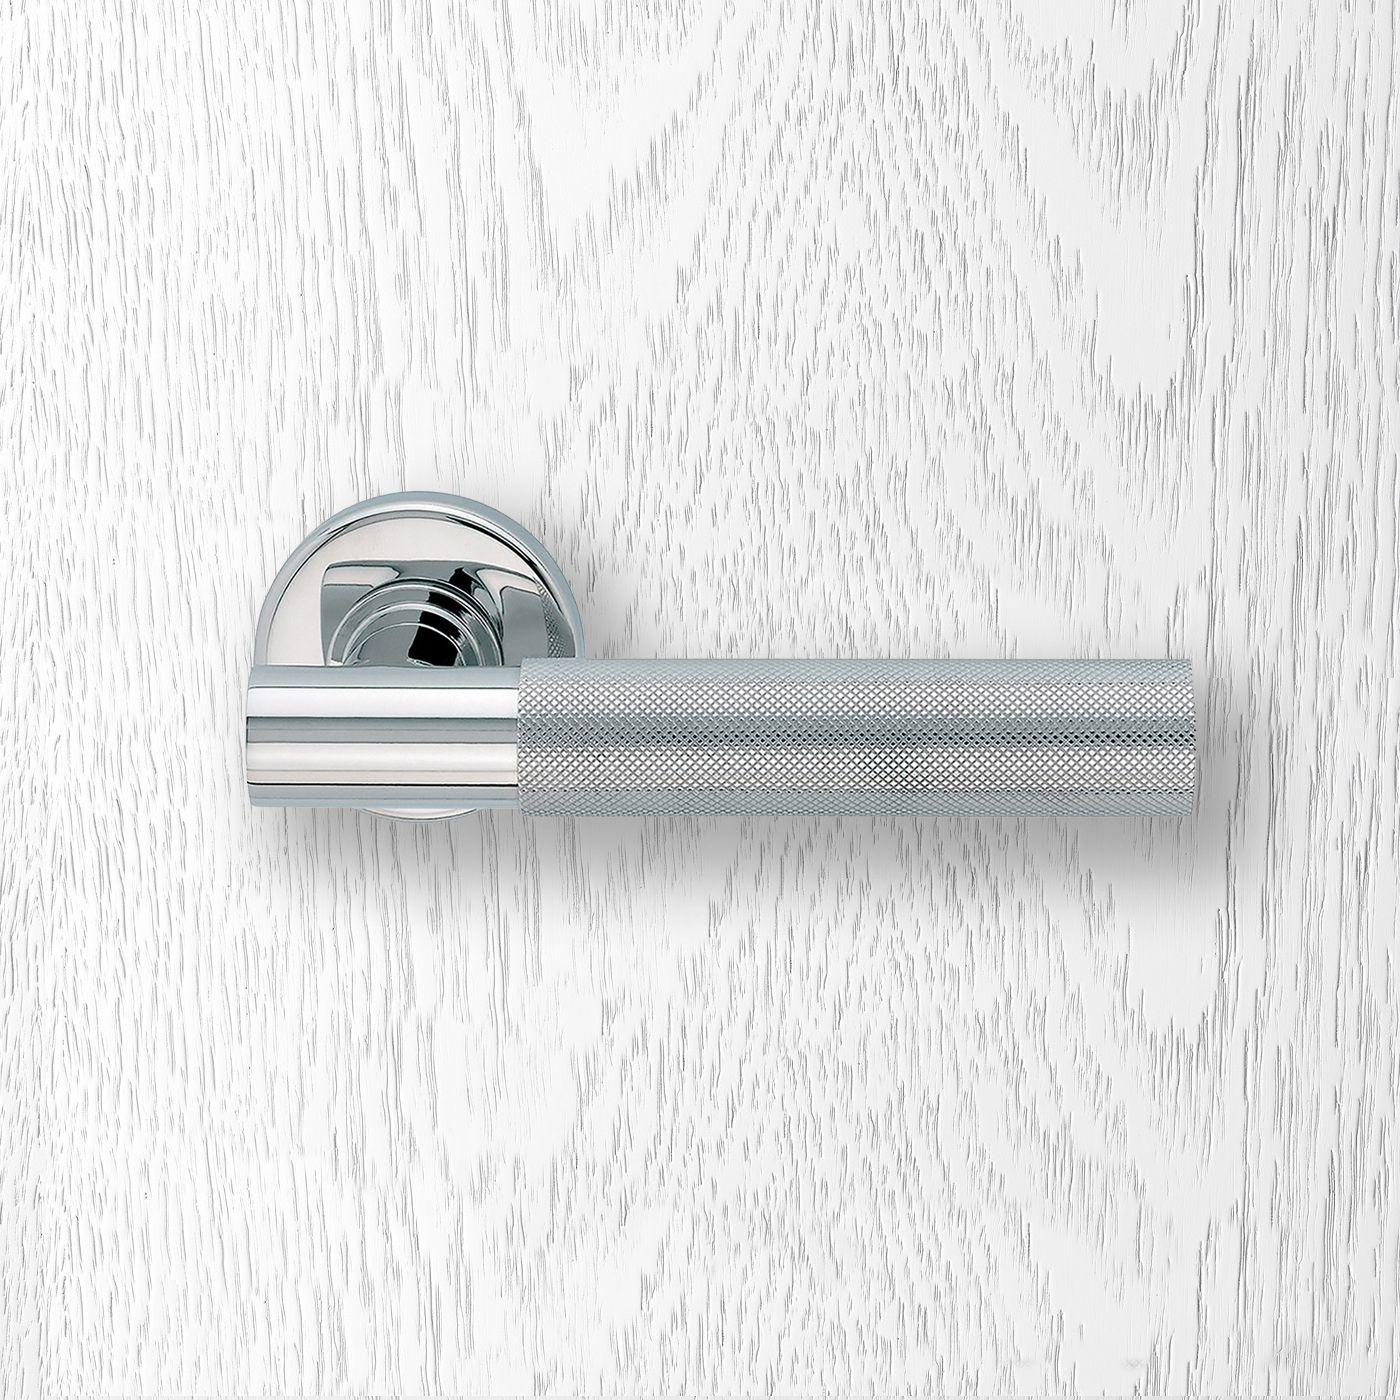 Designer Door Handles | Modern Internal Door Handles Online | Designer Kitchen Door Handles Melbourne |  sc 1 st  Pinterest & Designer Door Handles | Modern Internal Door Handles Online ...